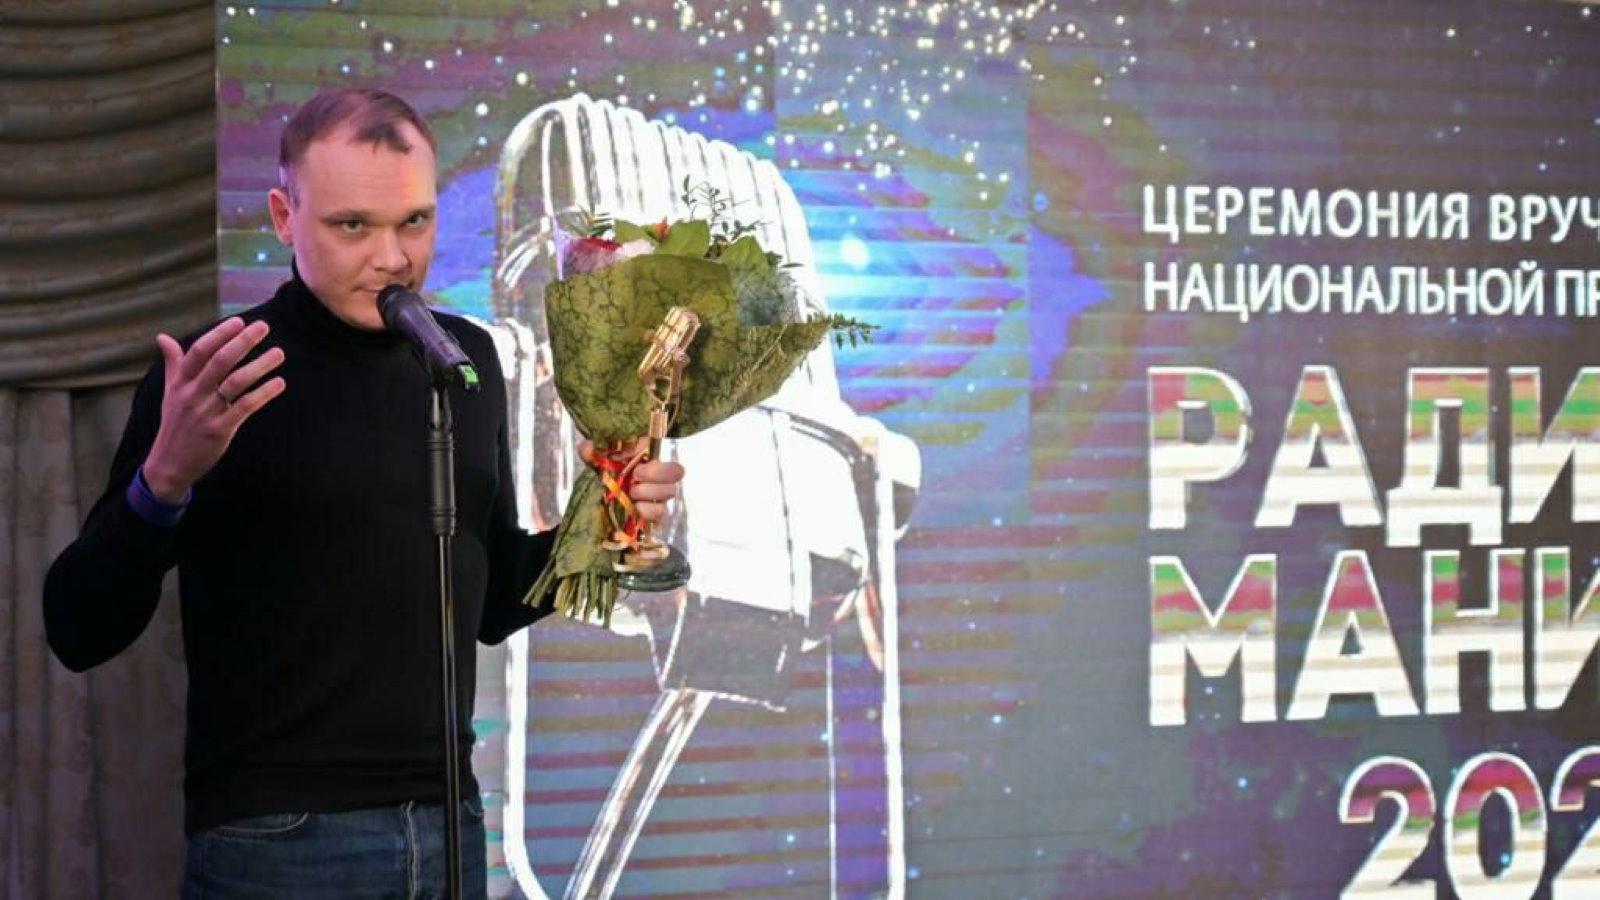 Директор эфира Европы Плюс Данил Литвинский XIX ежегодная Национальная премия в области радиовещания Радиомания 2020